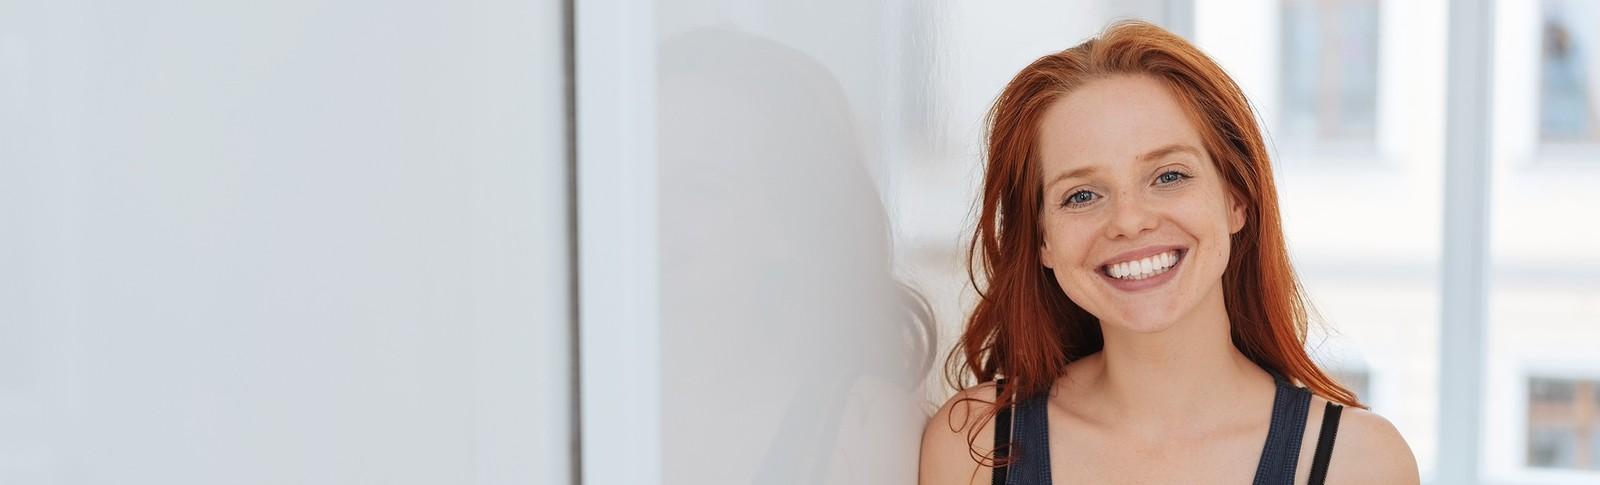 rothaarige Frau steht in Tür und freut sich, nachdem sie sich ihre Brustimplantate in der Moser Klinik entfernen gelassen hat.